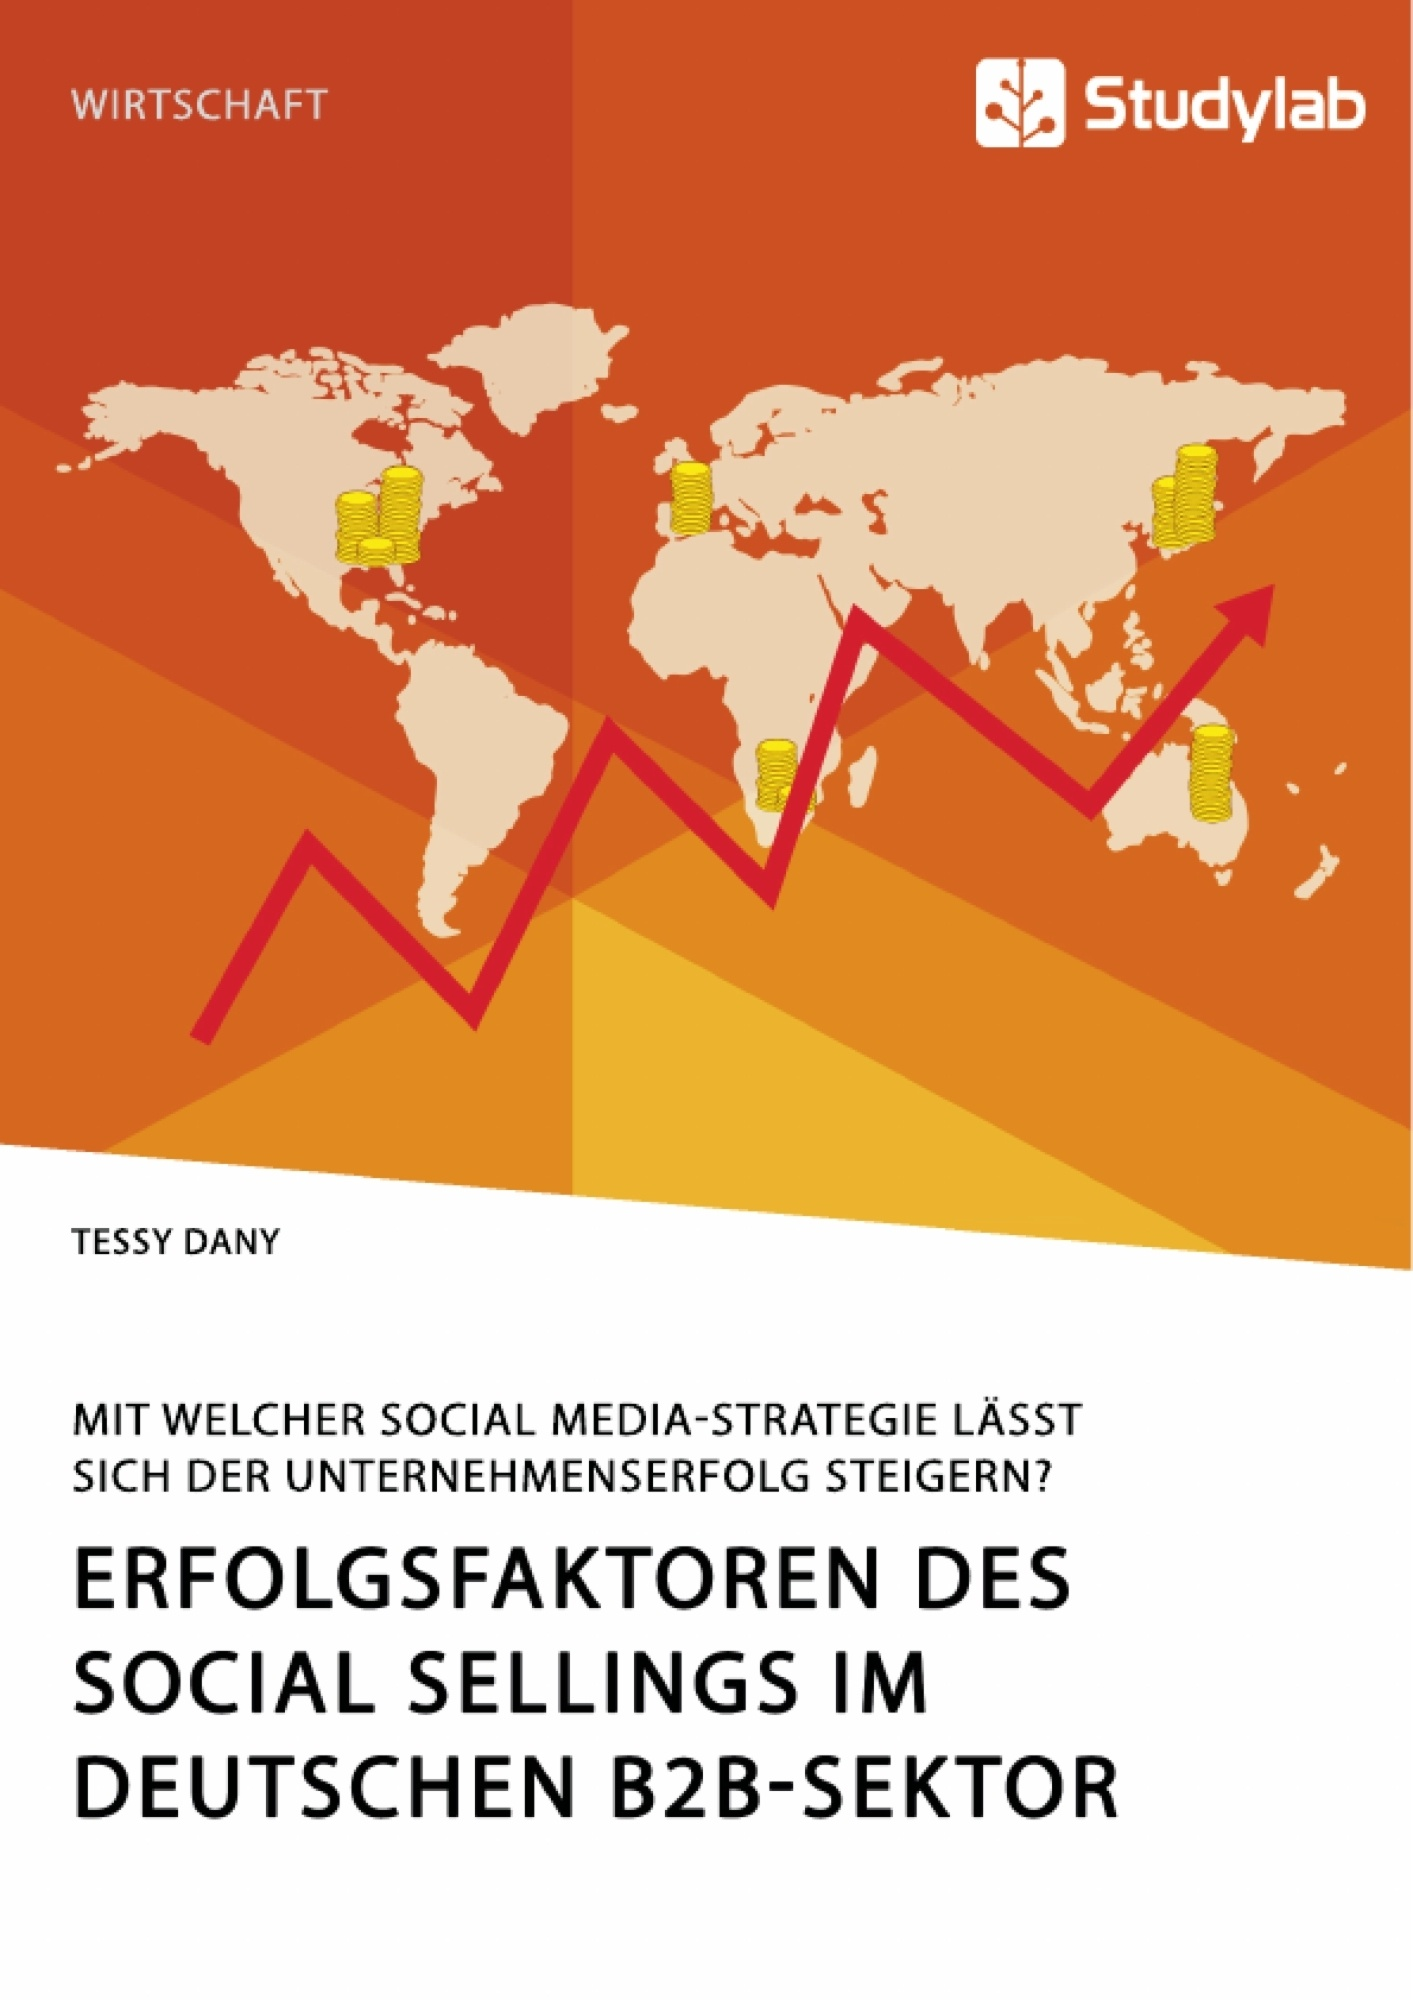 Titel: Erfolgsfaktoren des Social Sellings im deutschen B2B-Sektor. Mit welcher Social Media-Strategie lässt sich der Unternehmenserfolg steigern?